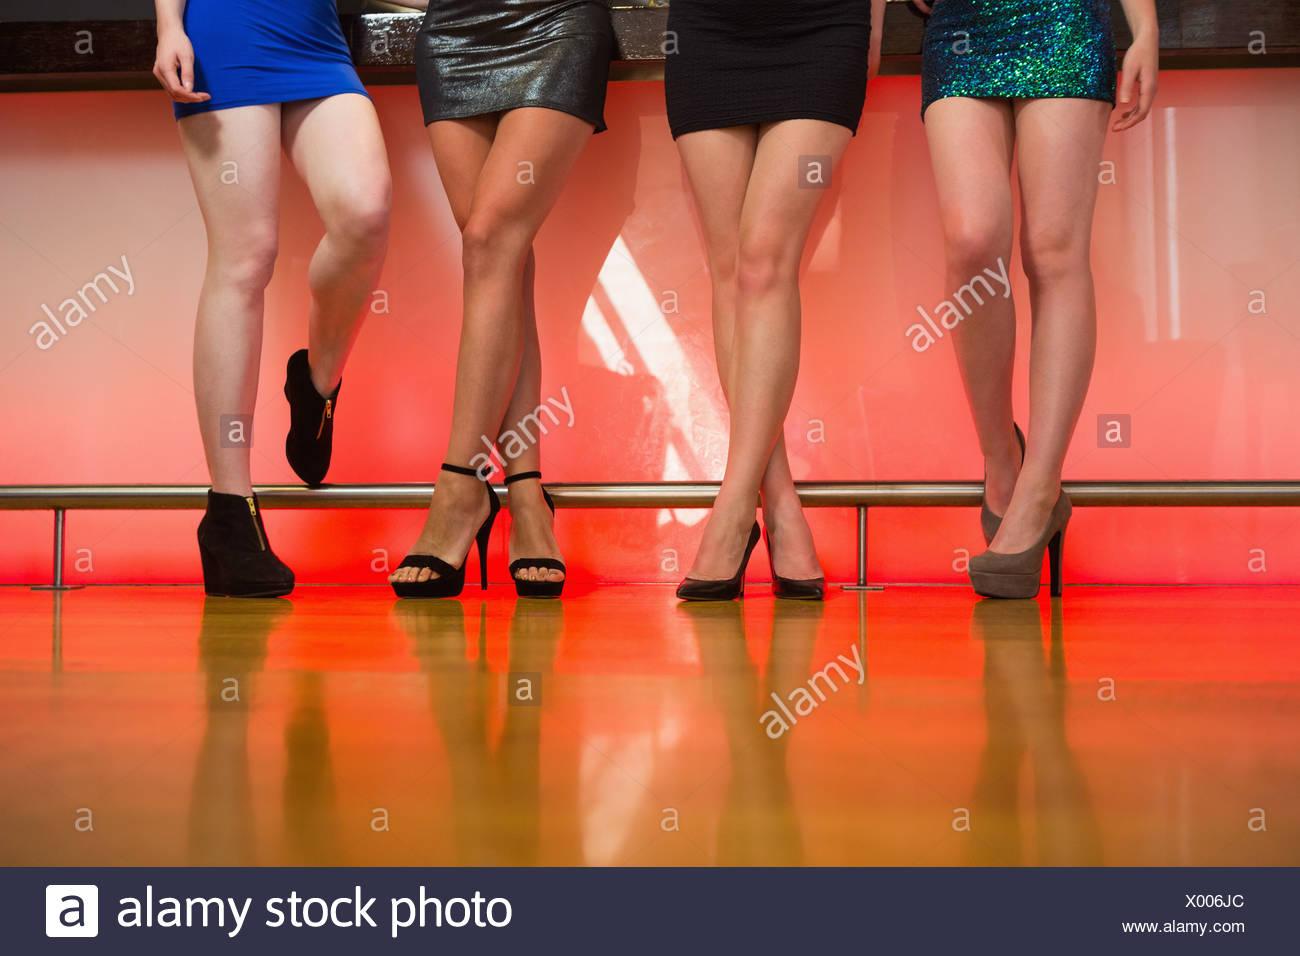 Giovani donne gambe in posa Immagini Stock